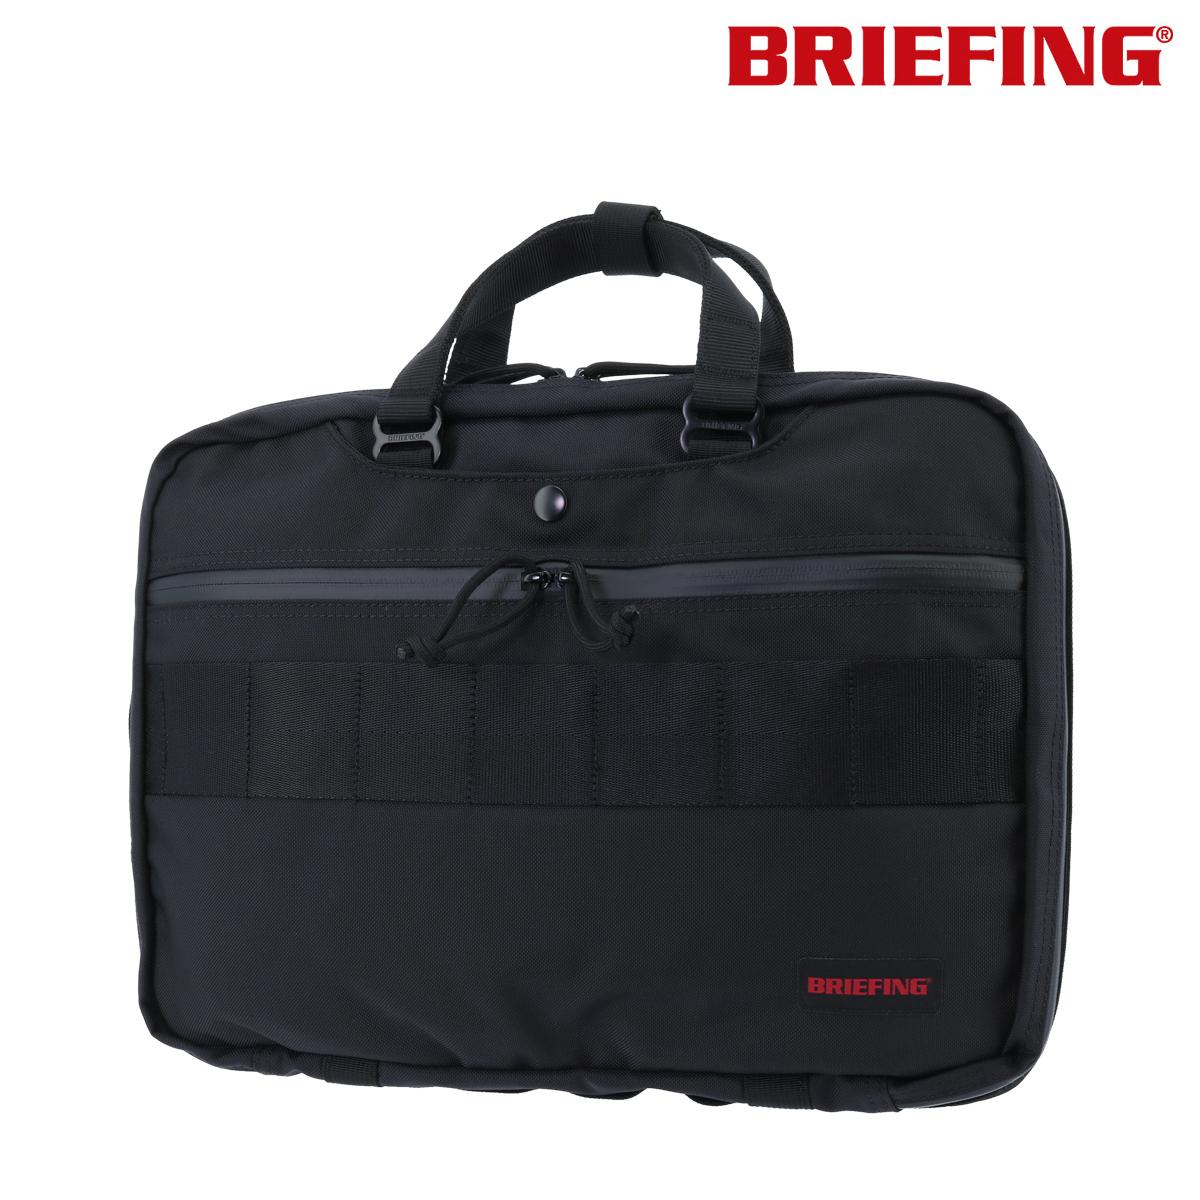 ブリーフィング ビジネスバッグ 3WAY MODULEWARE メンズ BRA201B03 BRIEFING | リュック ブリーフケース[即日発送]